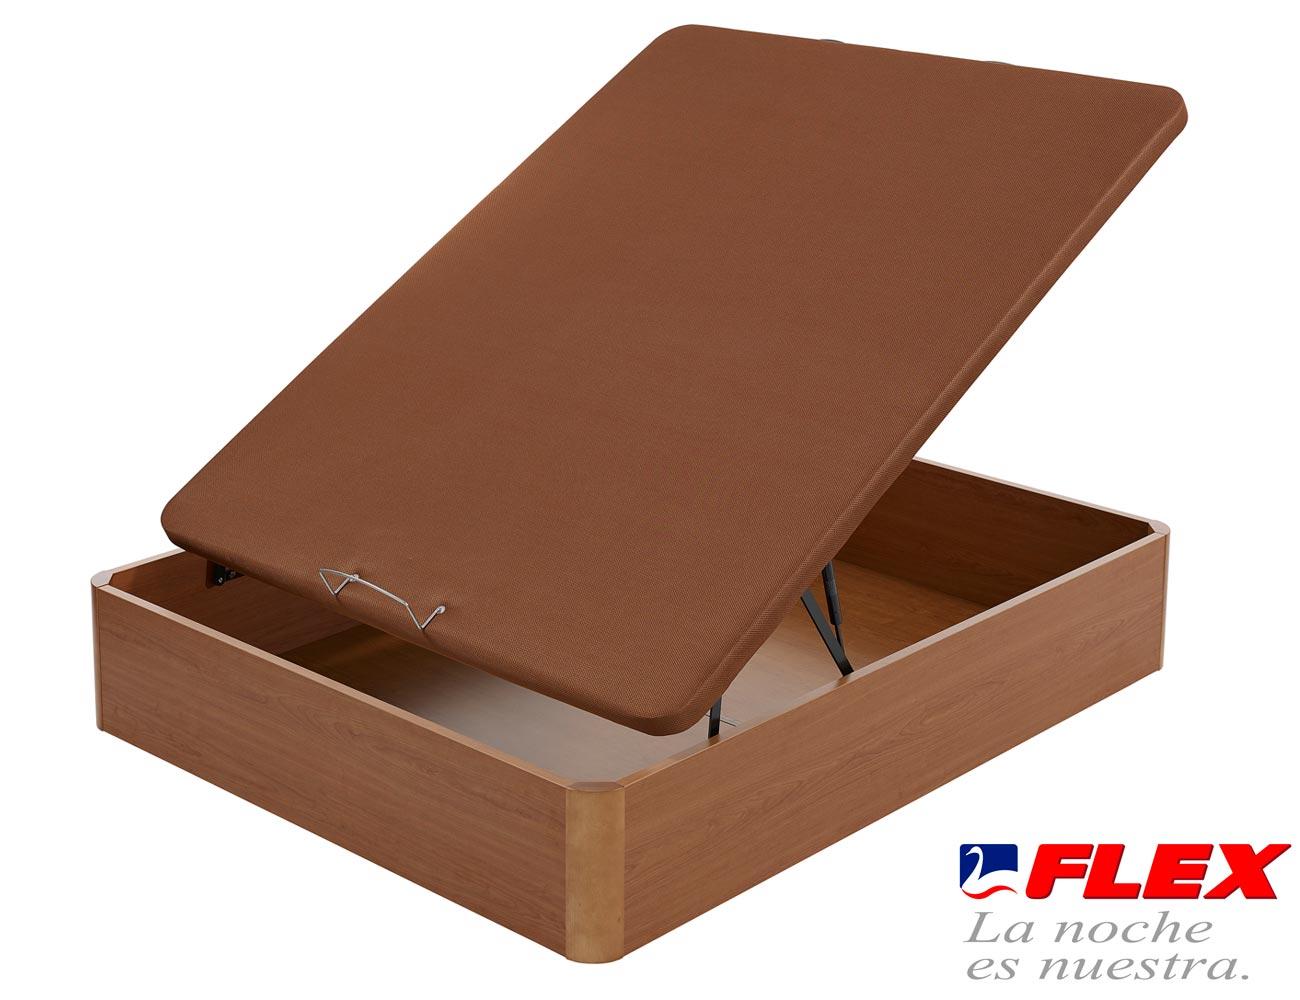 Canape flex madera abatible tapa3d 838